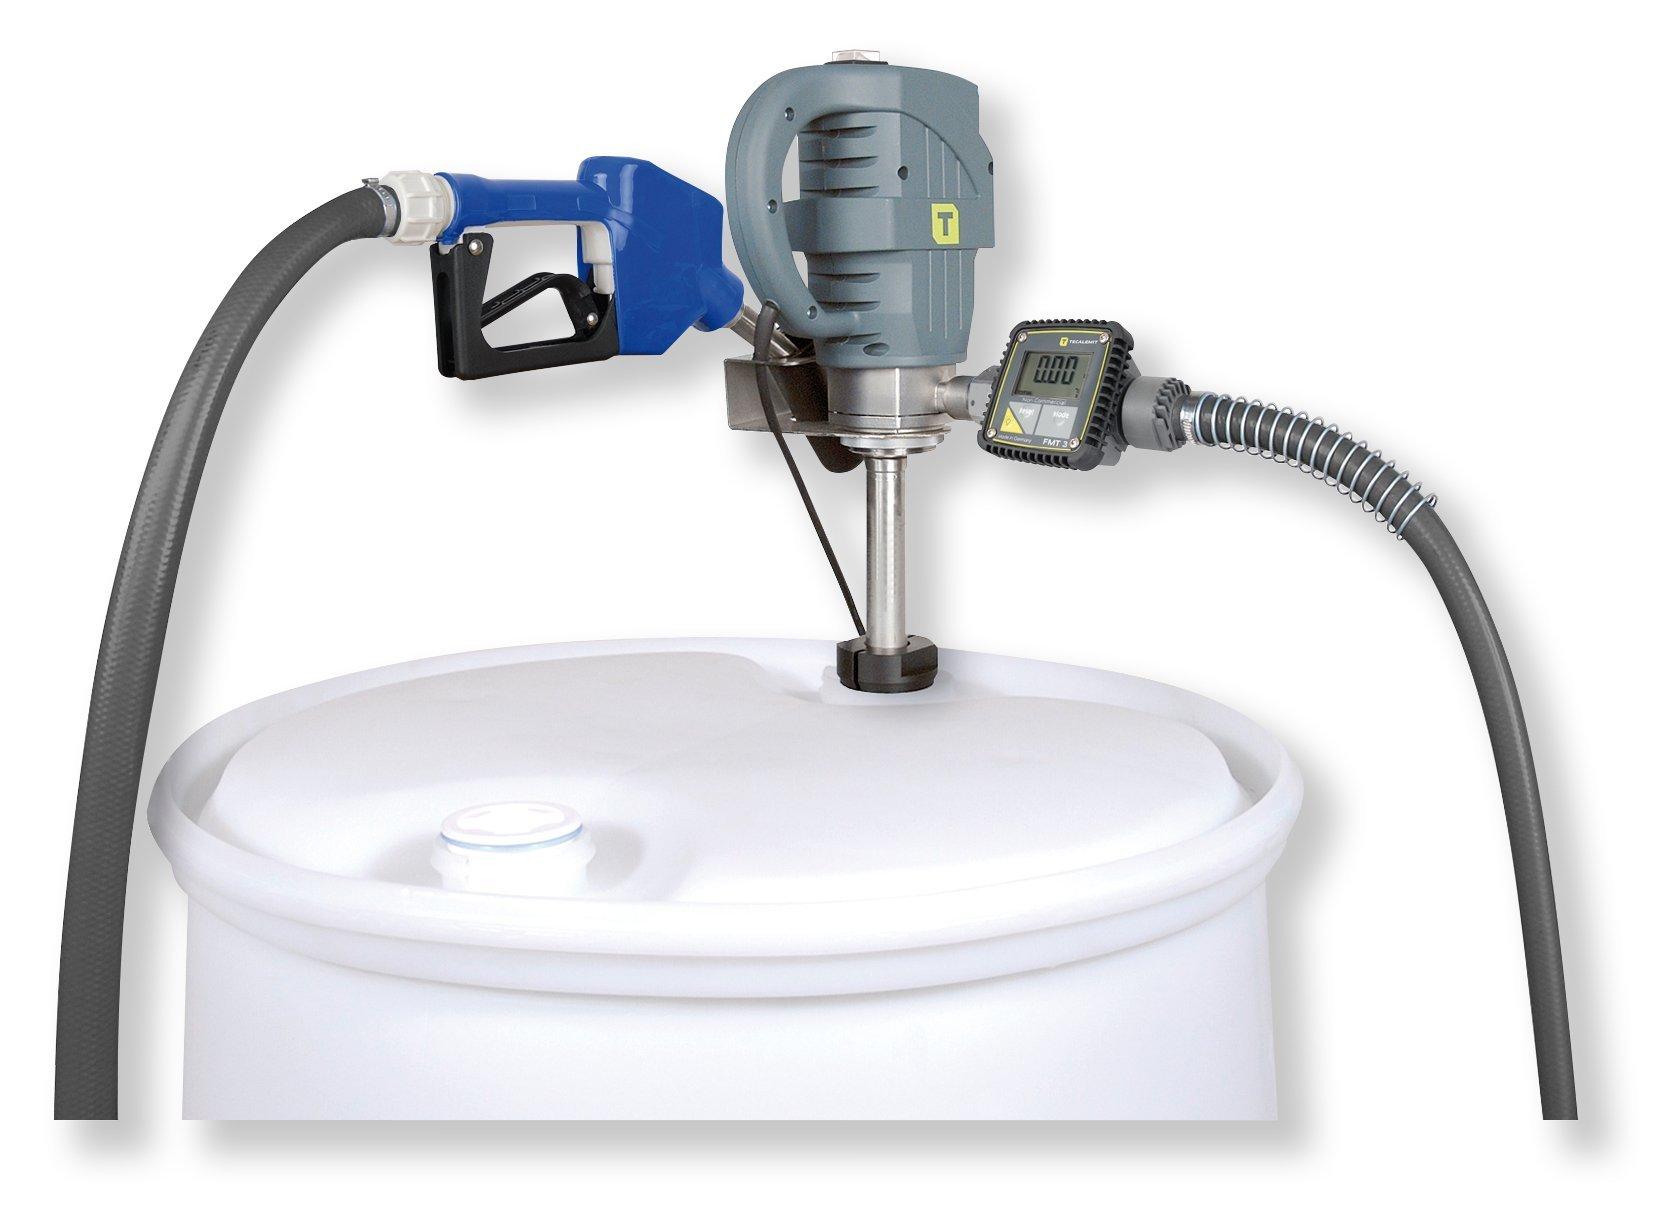 Elektropumpe Fur Adblue W85h Inox Fasspumpe Automatikzapfventil Ohne Raste Fmt3 8m Schlauch Tecalemit 108 601 401